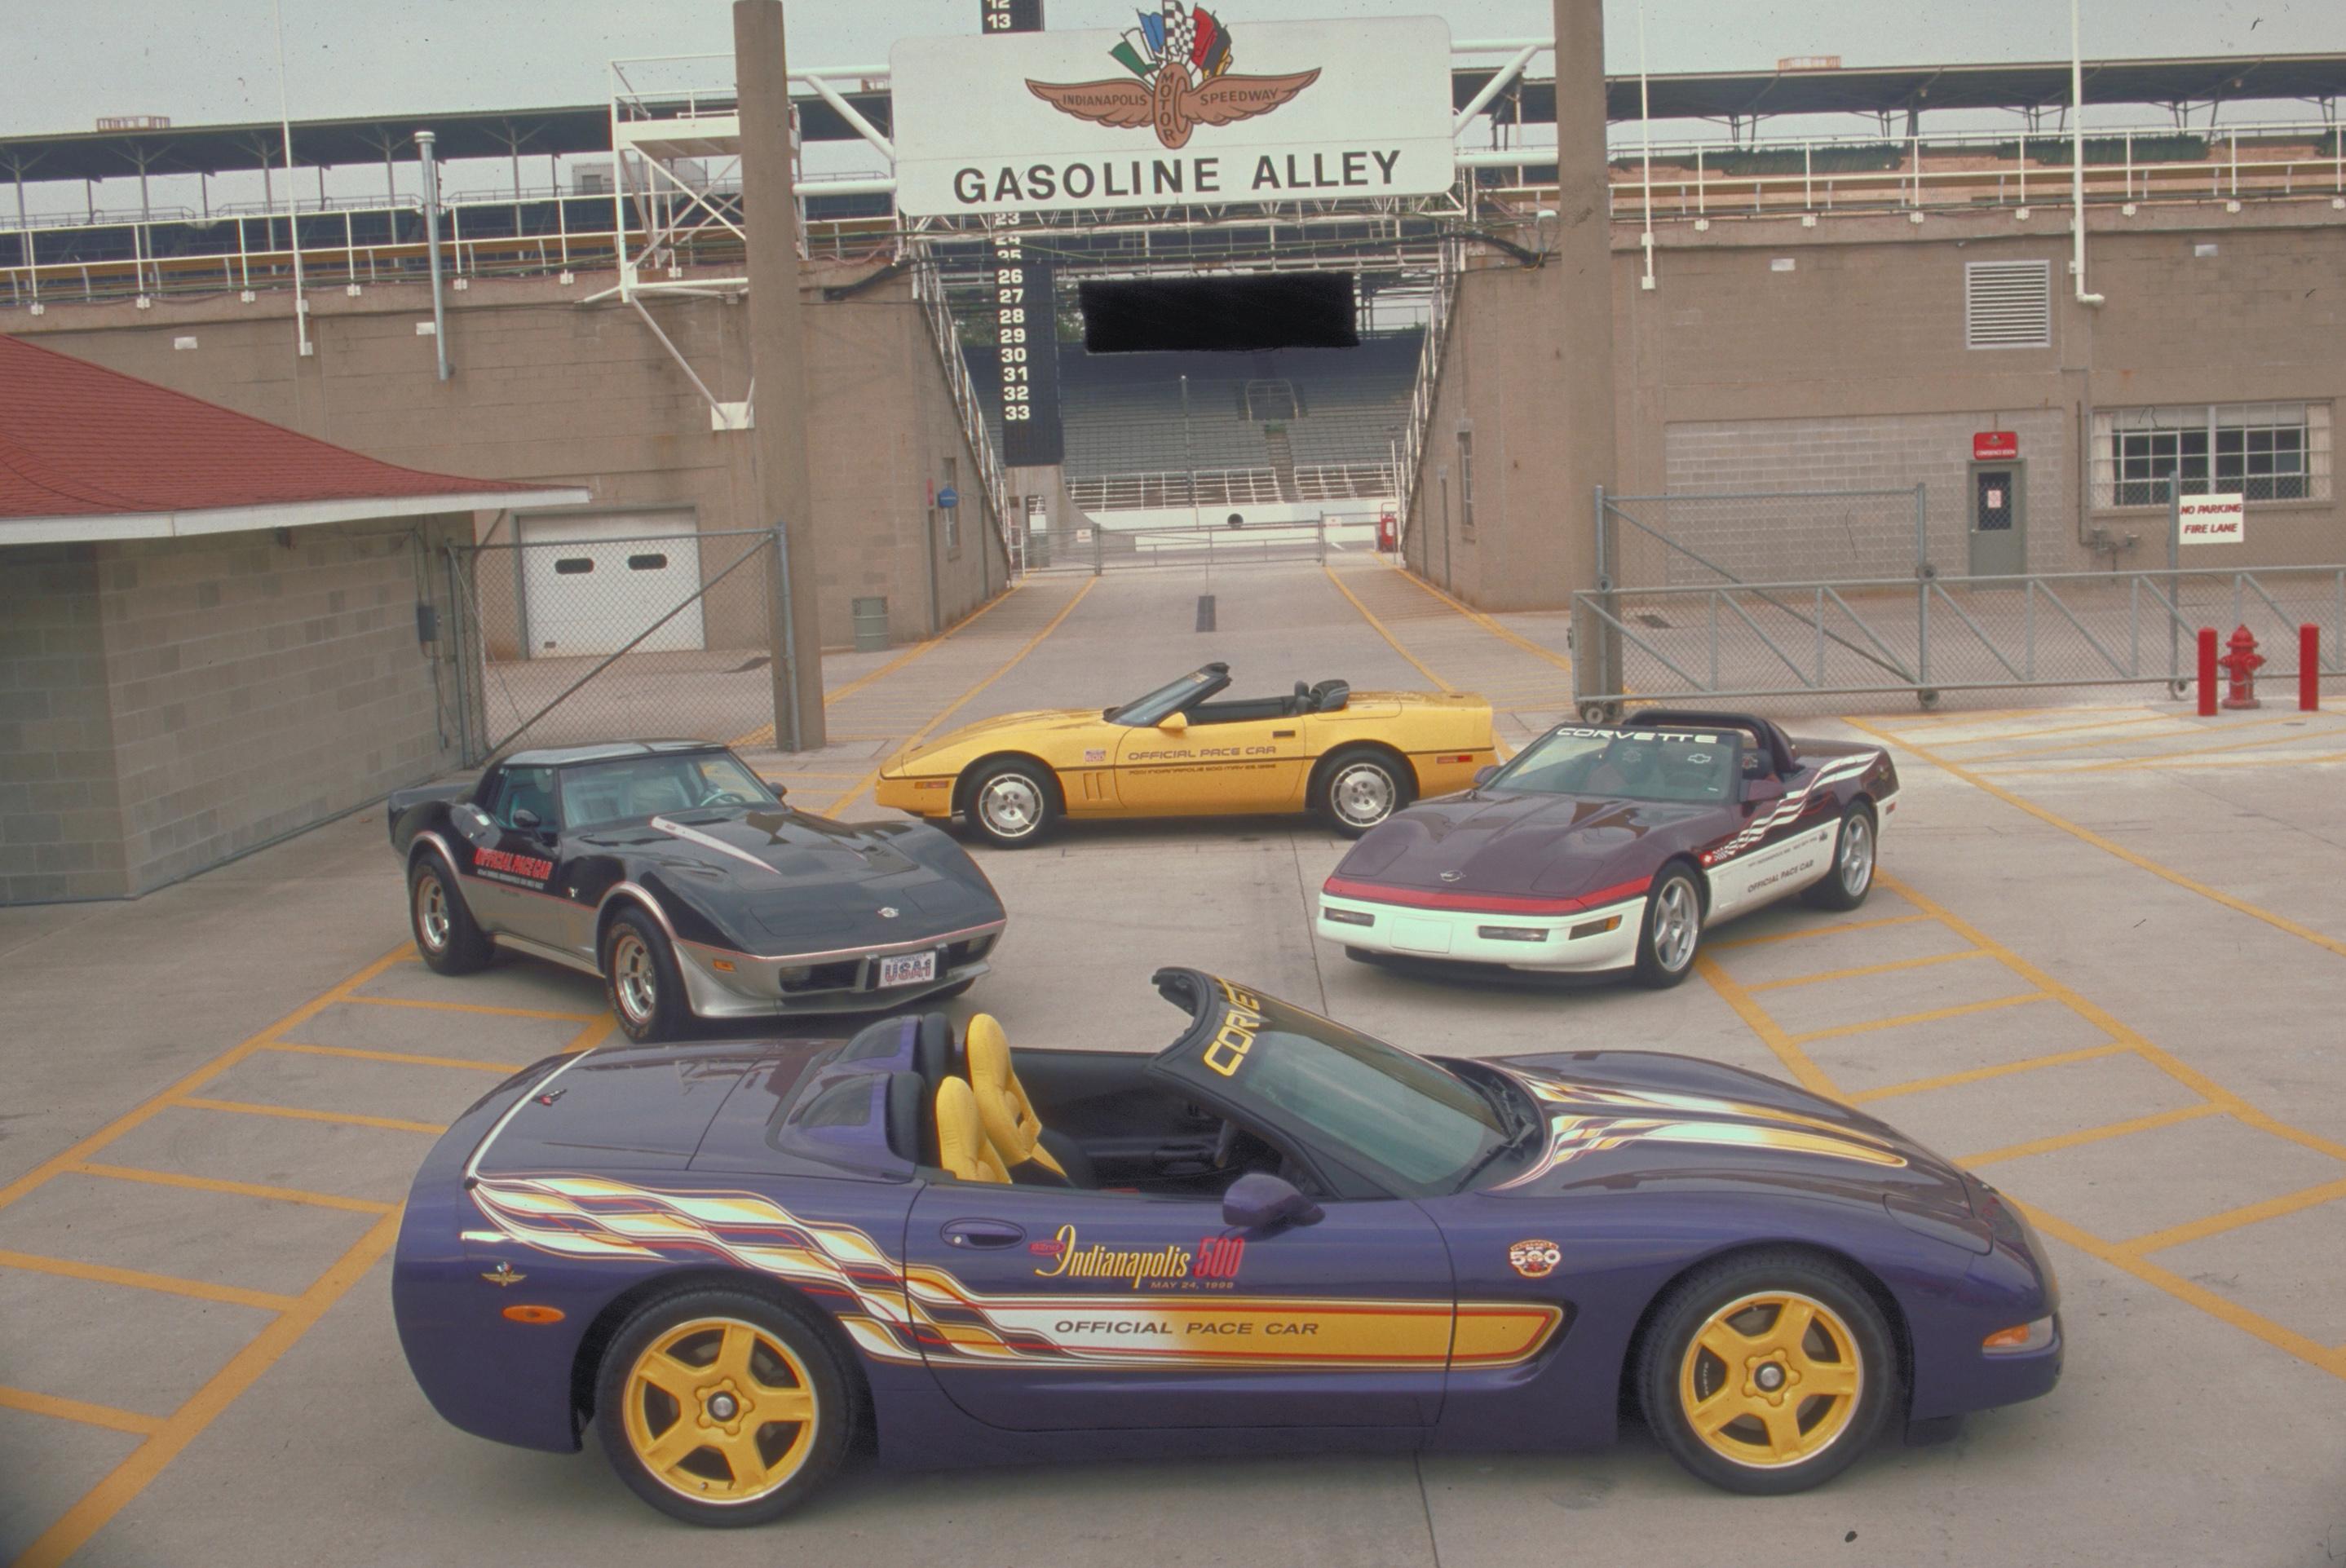 2003 Chevrolet Corvette Indy Pace Car